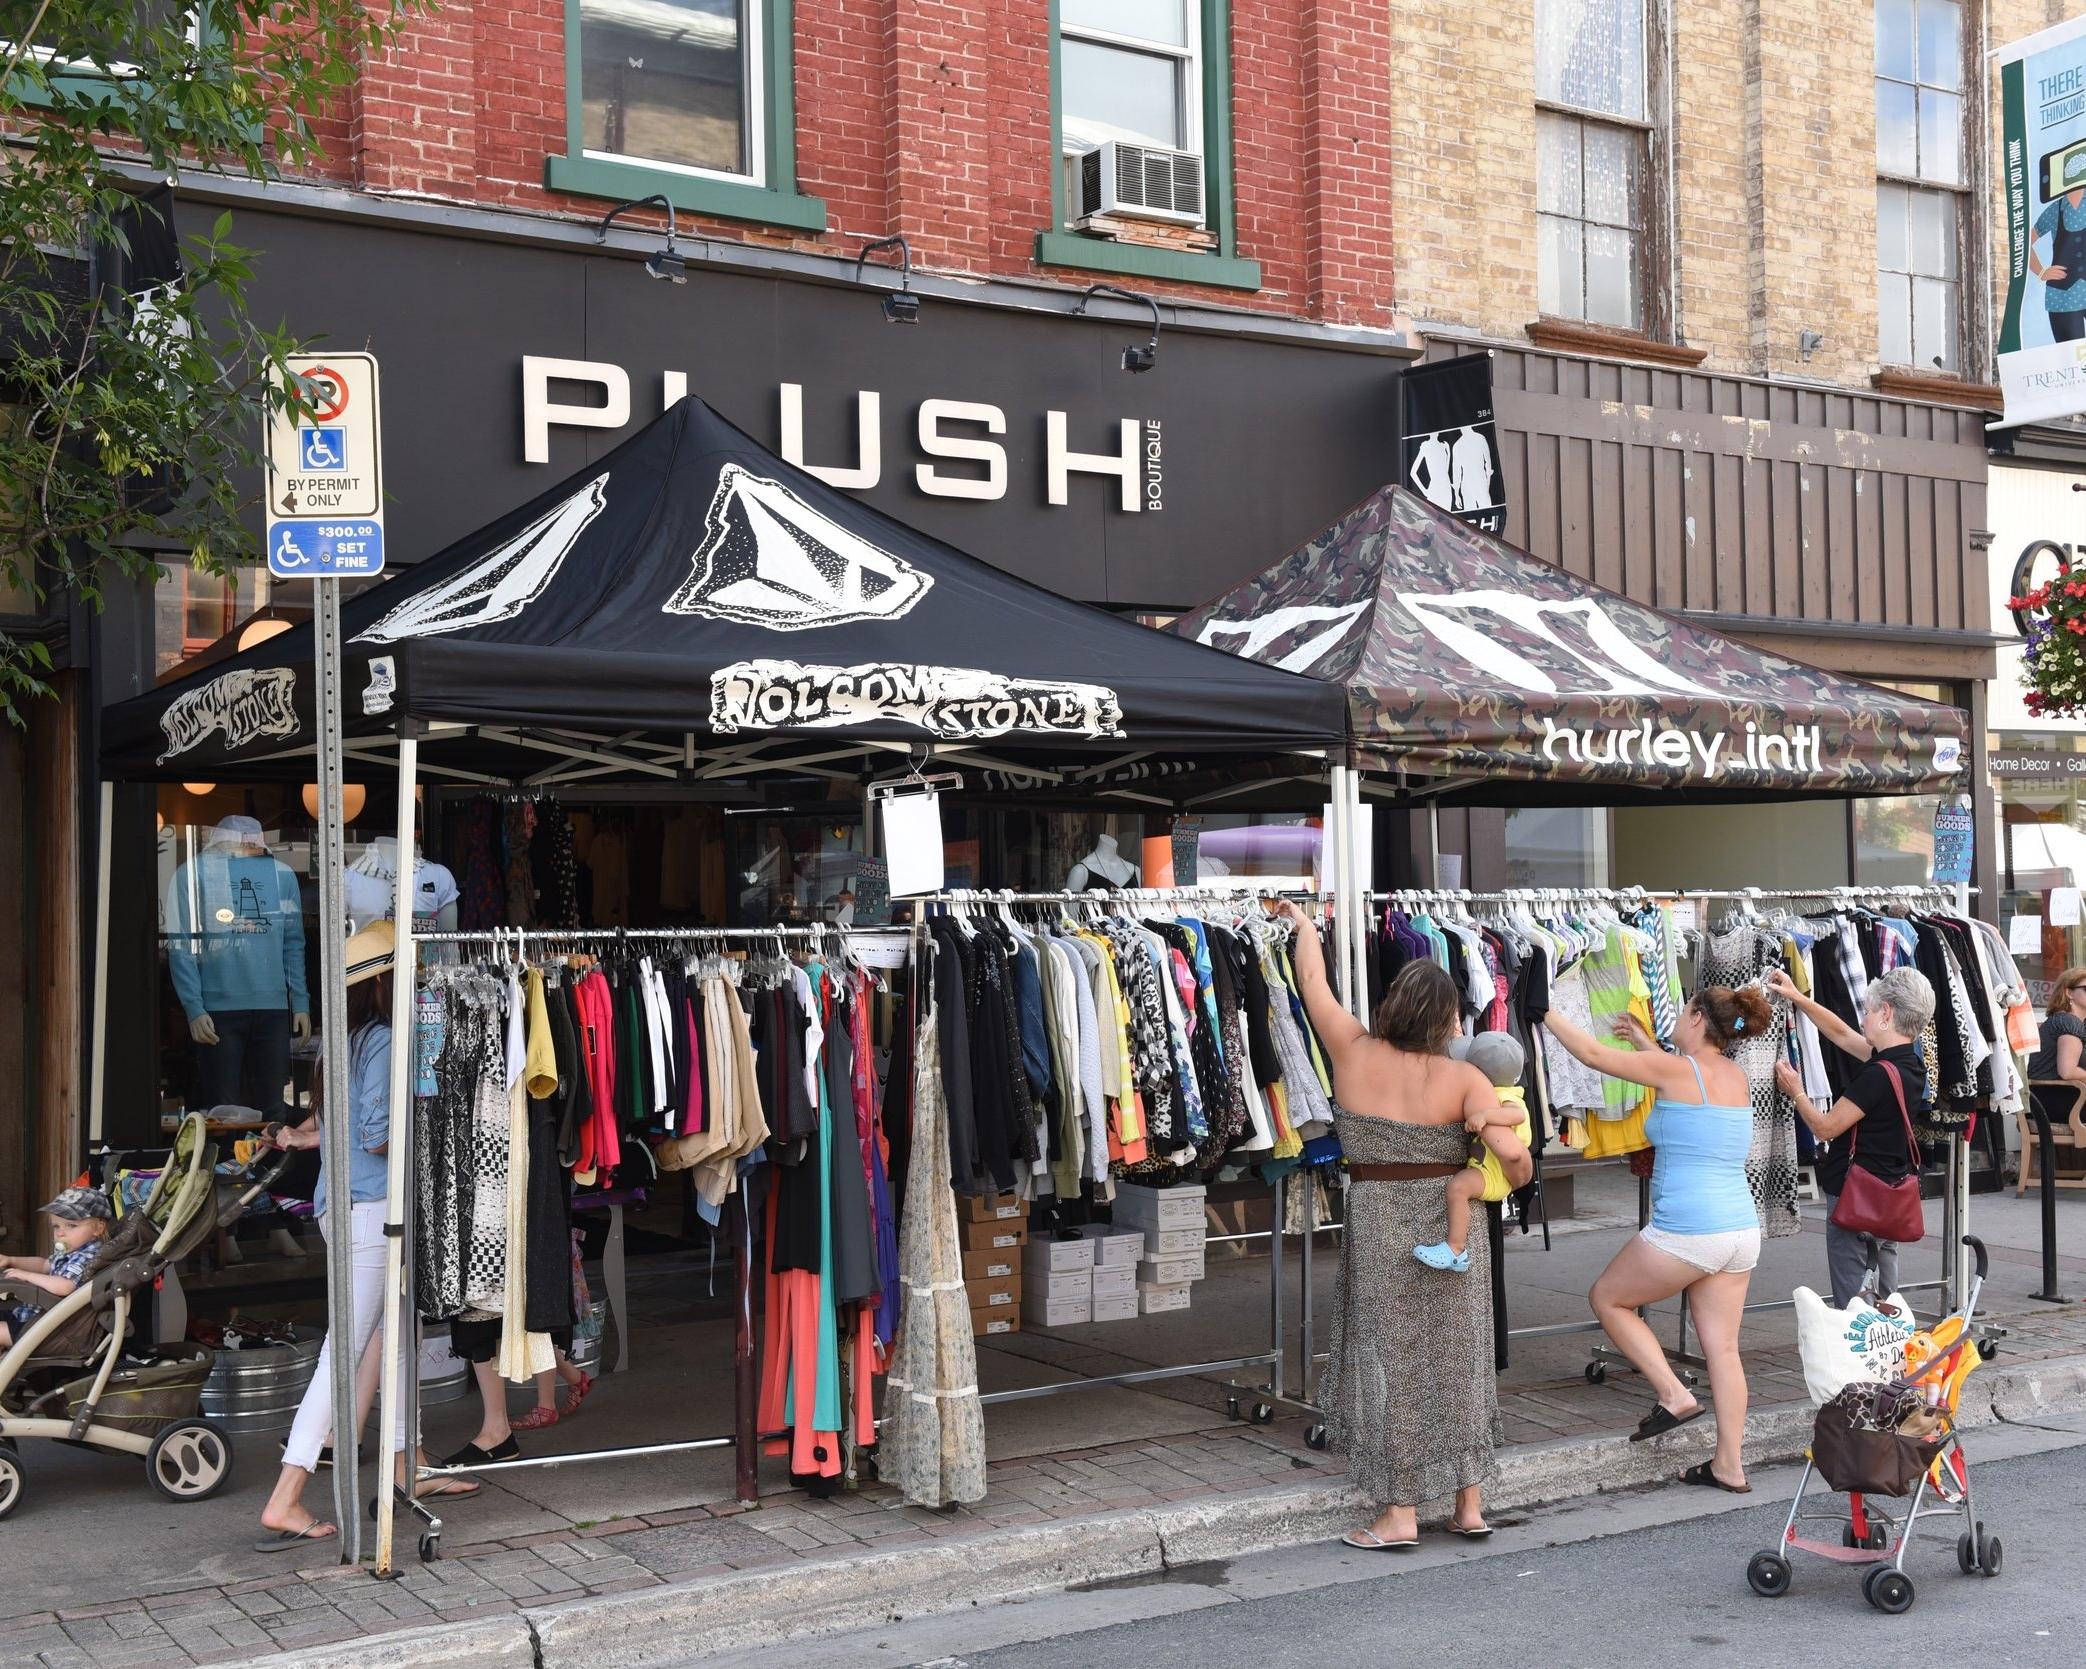 Street sales at Pulse